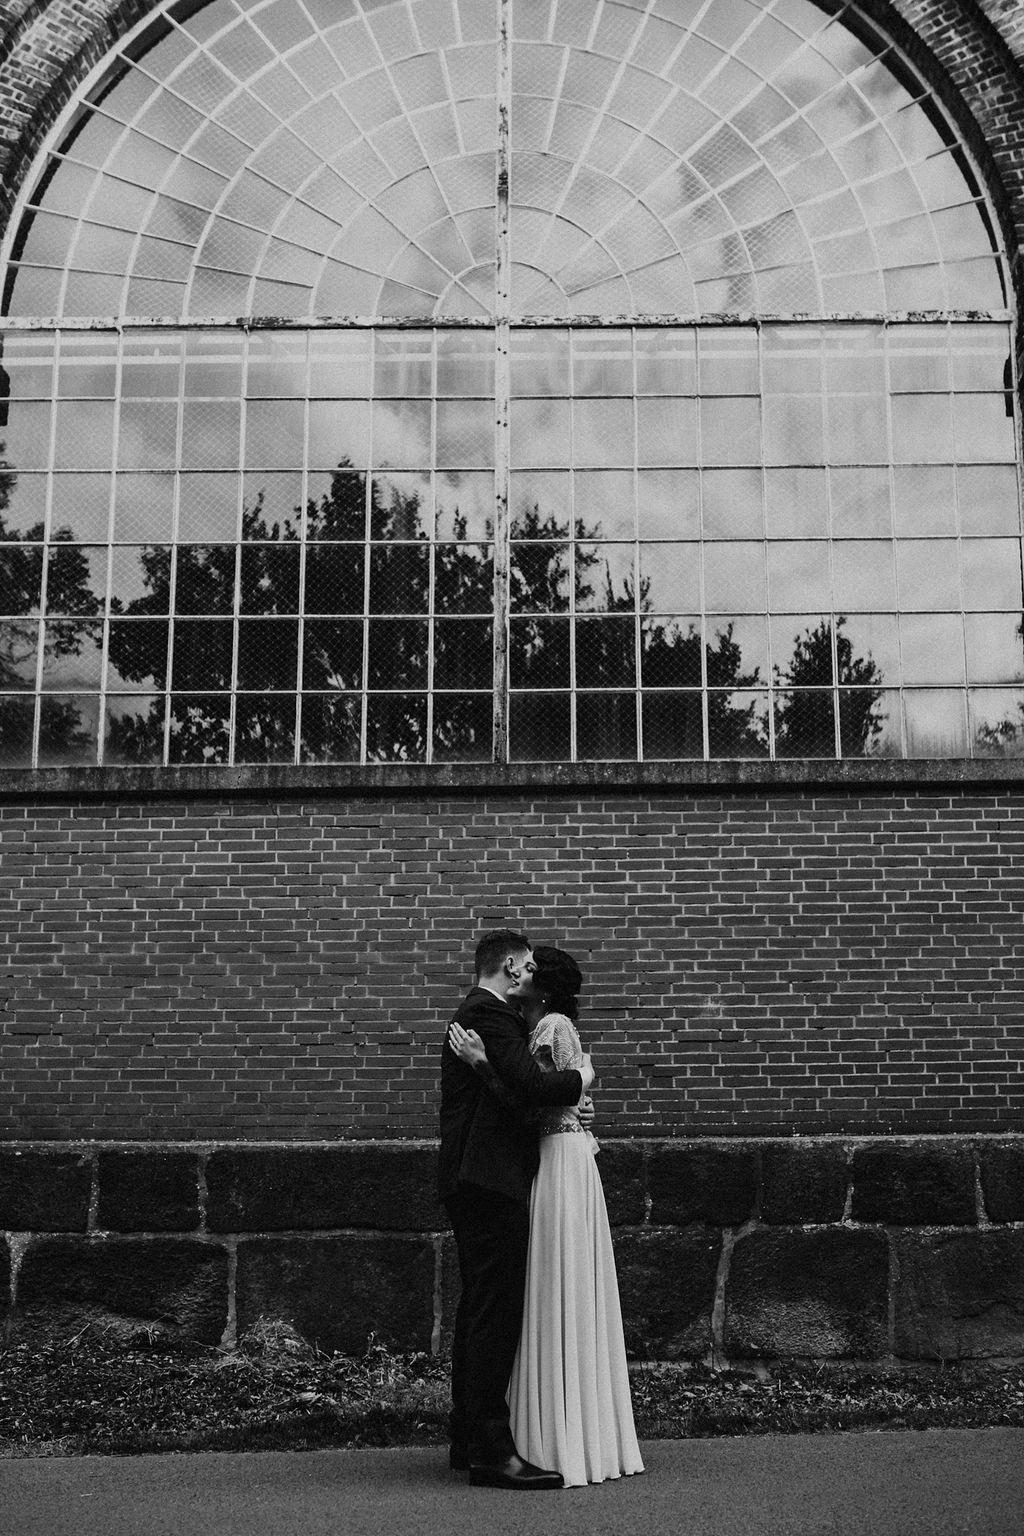 Hochzeit in Industrielocation von Alina Atzler